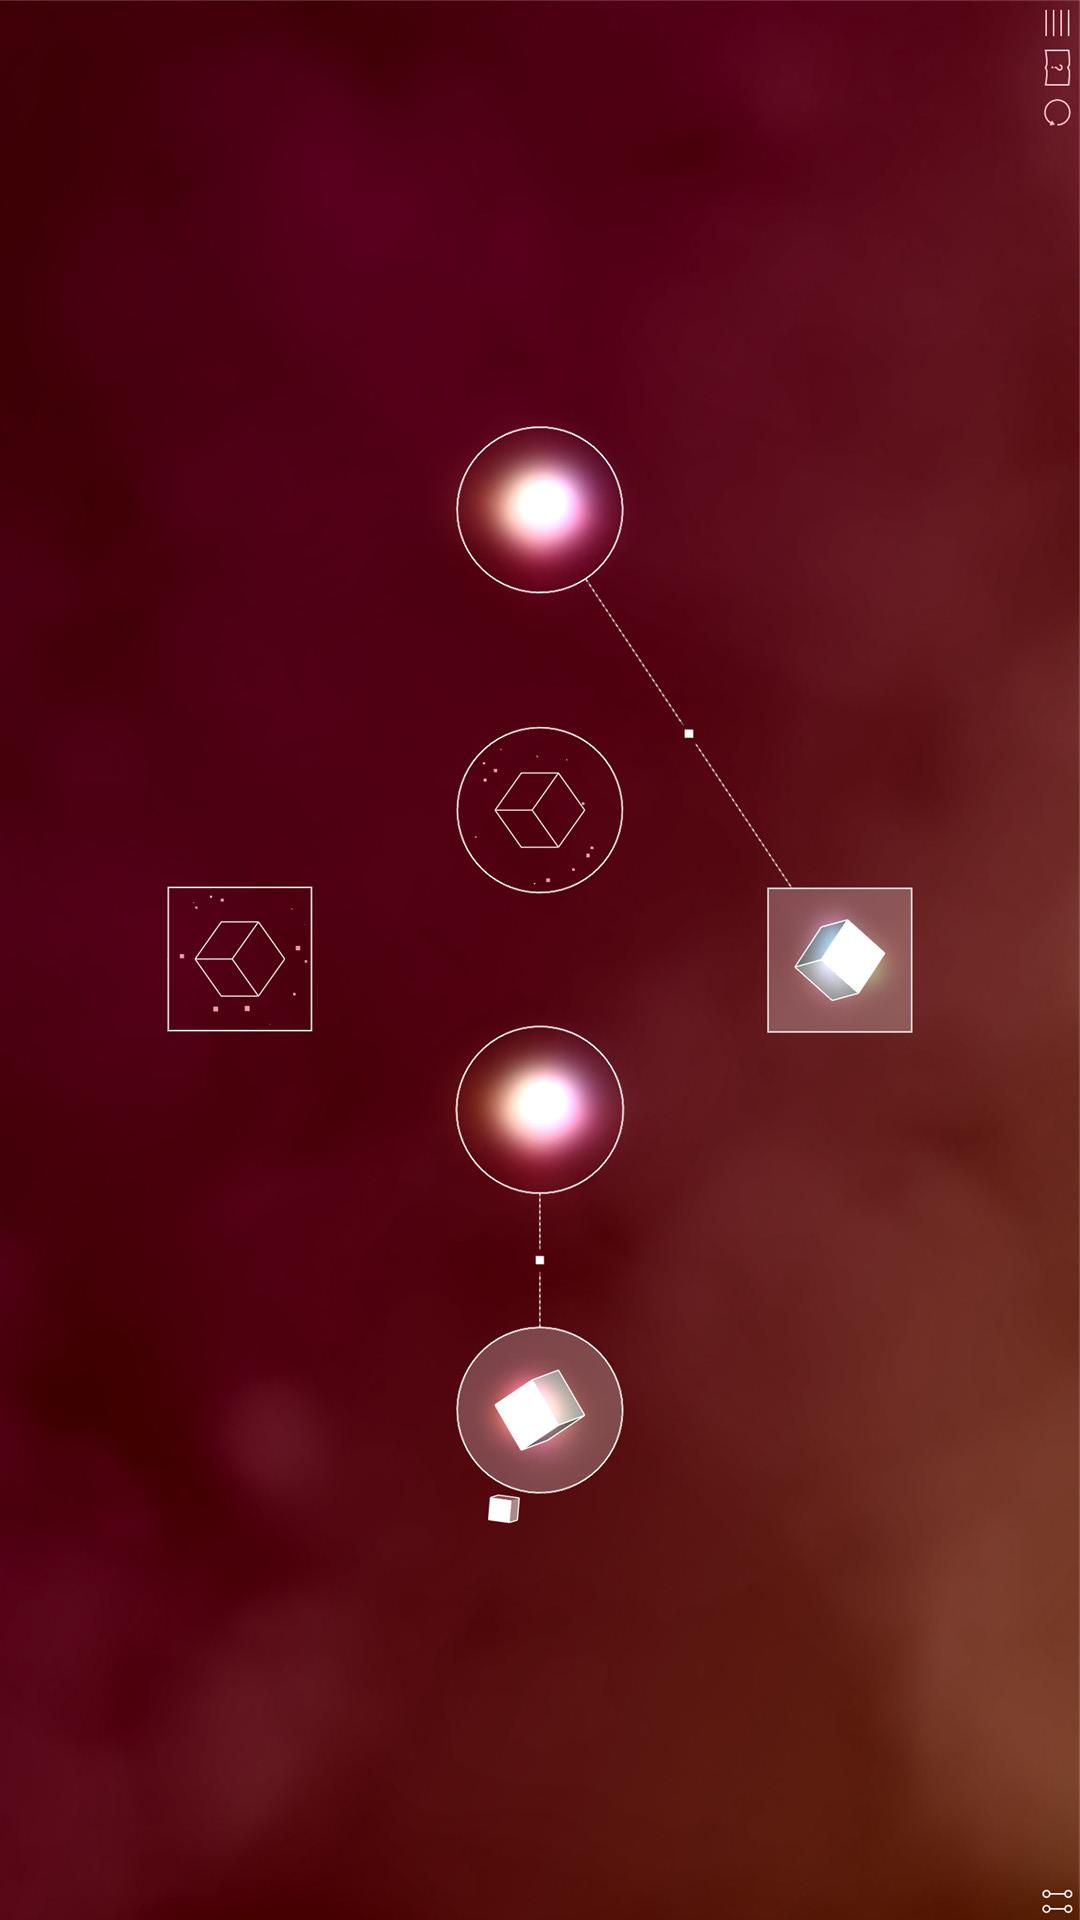 传送装置游戏截图